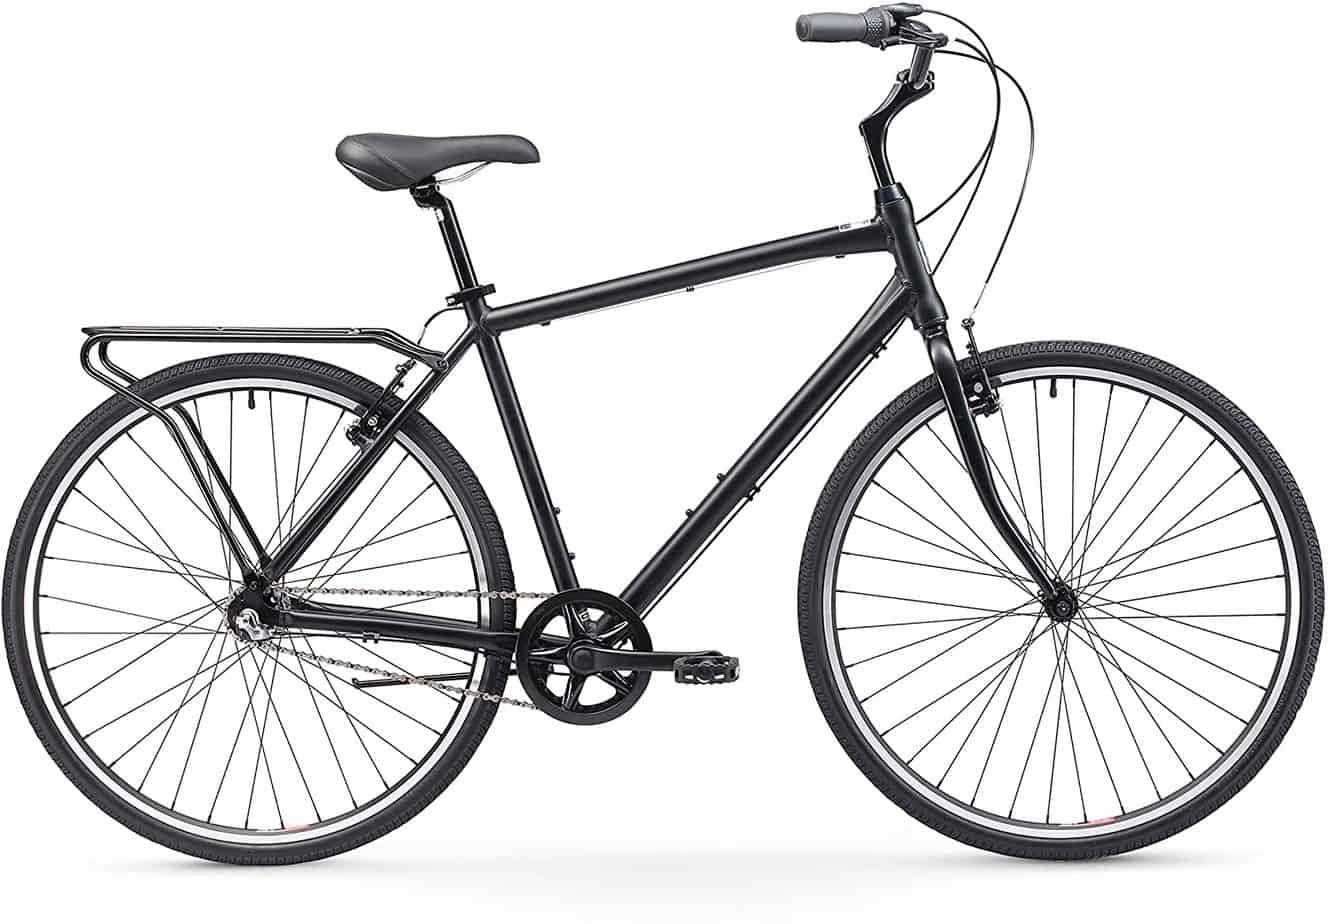 Sixthreezero Explore Your Range Hybrid-Bicycles